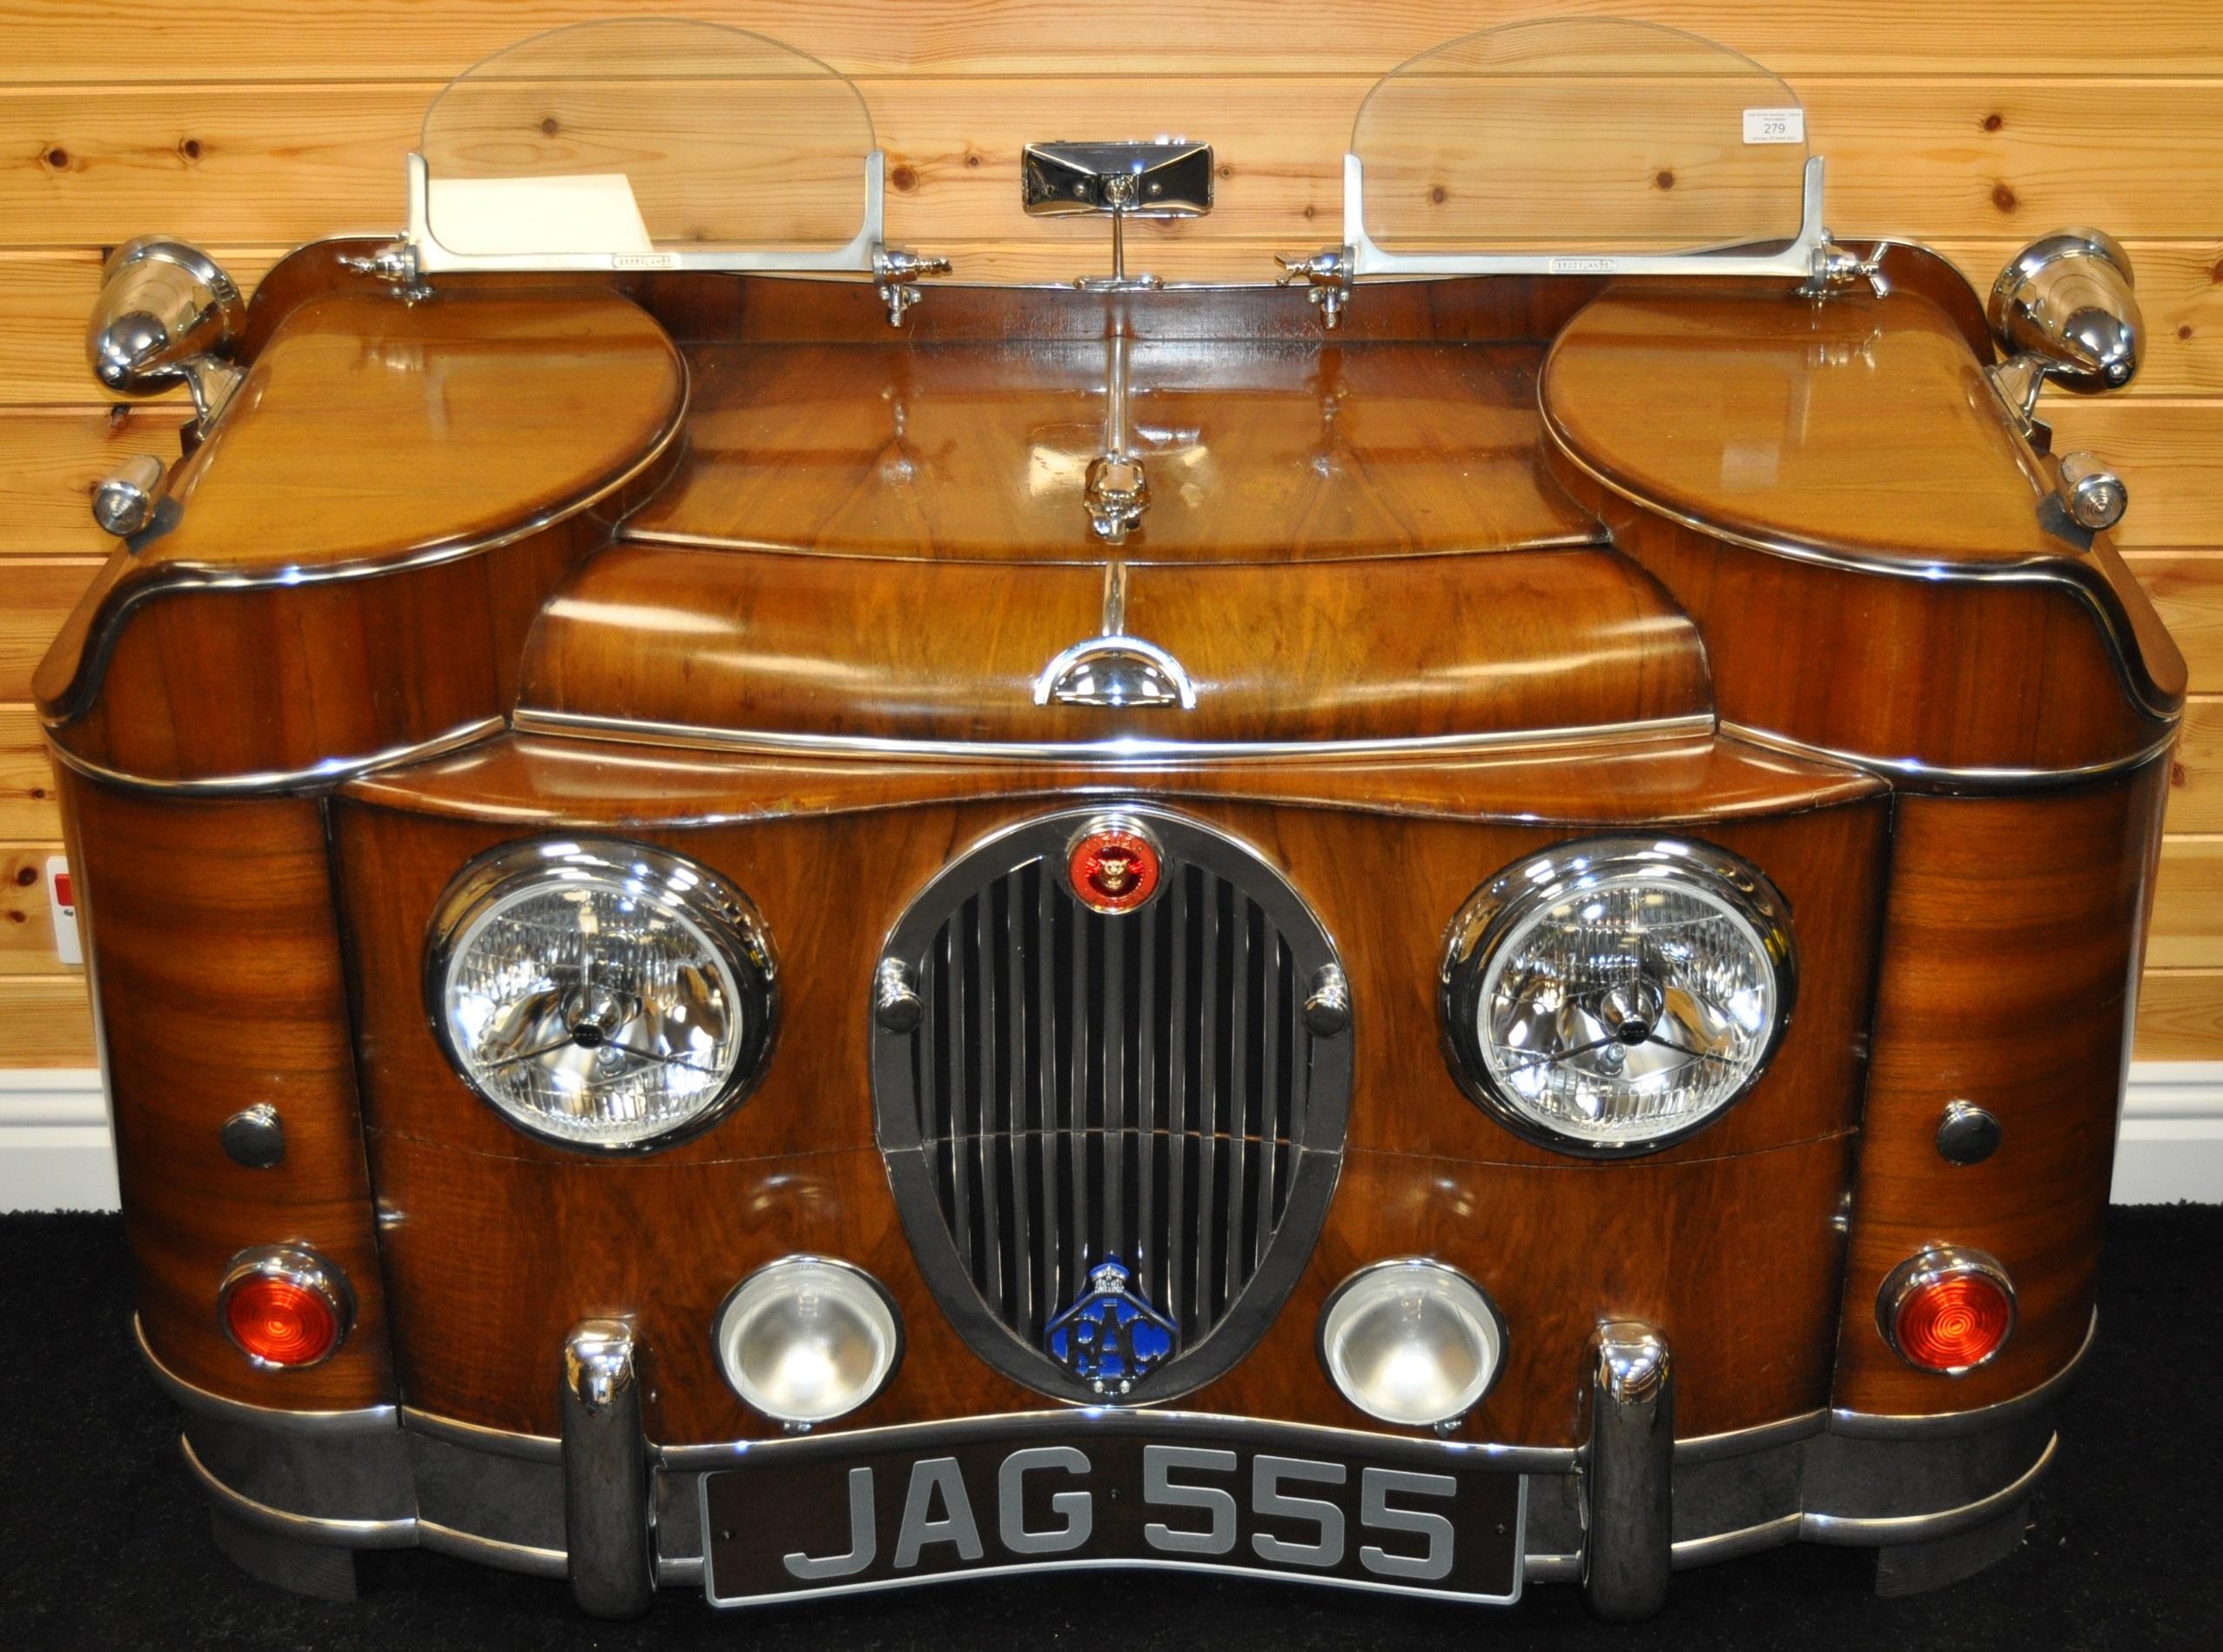 JAGUAR - INCREDIBLE 1940S SIDEBOARD STYLE OF JAGUAR MK 2 - Image 2 of 8